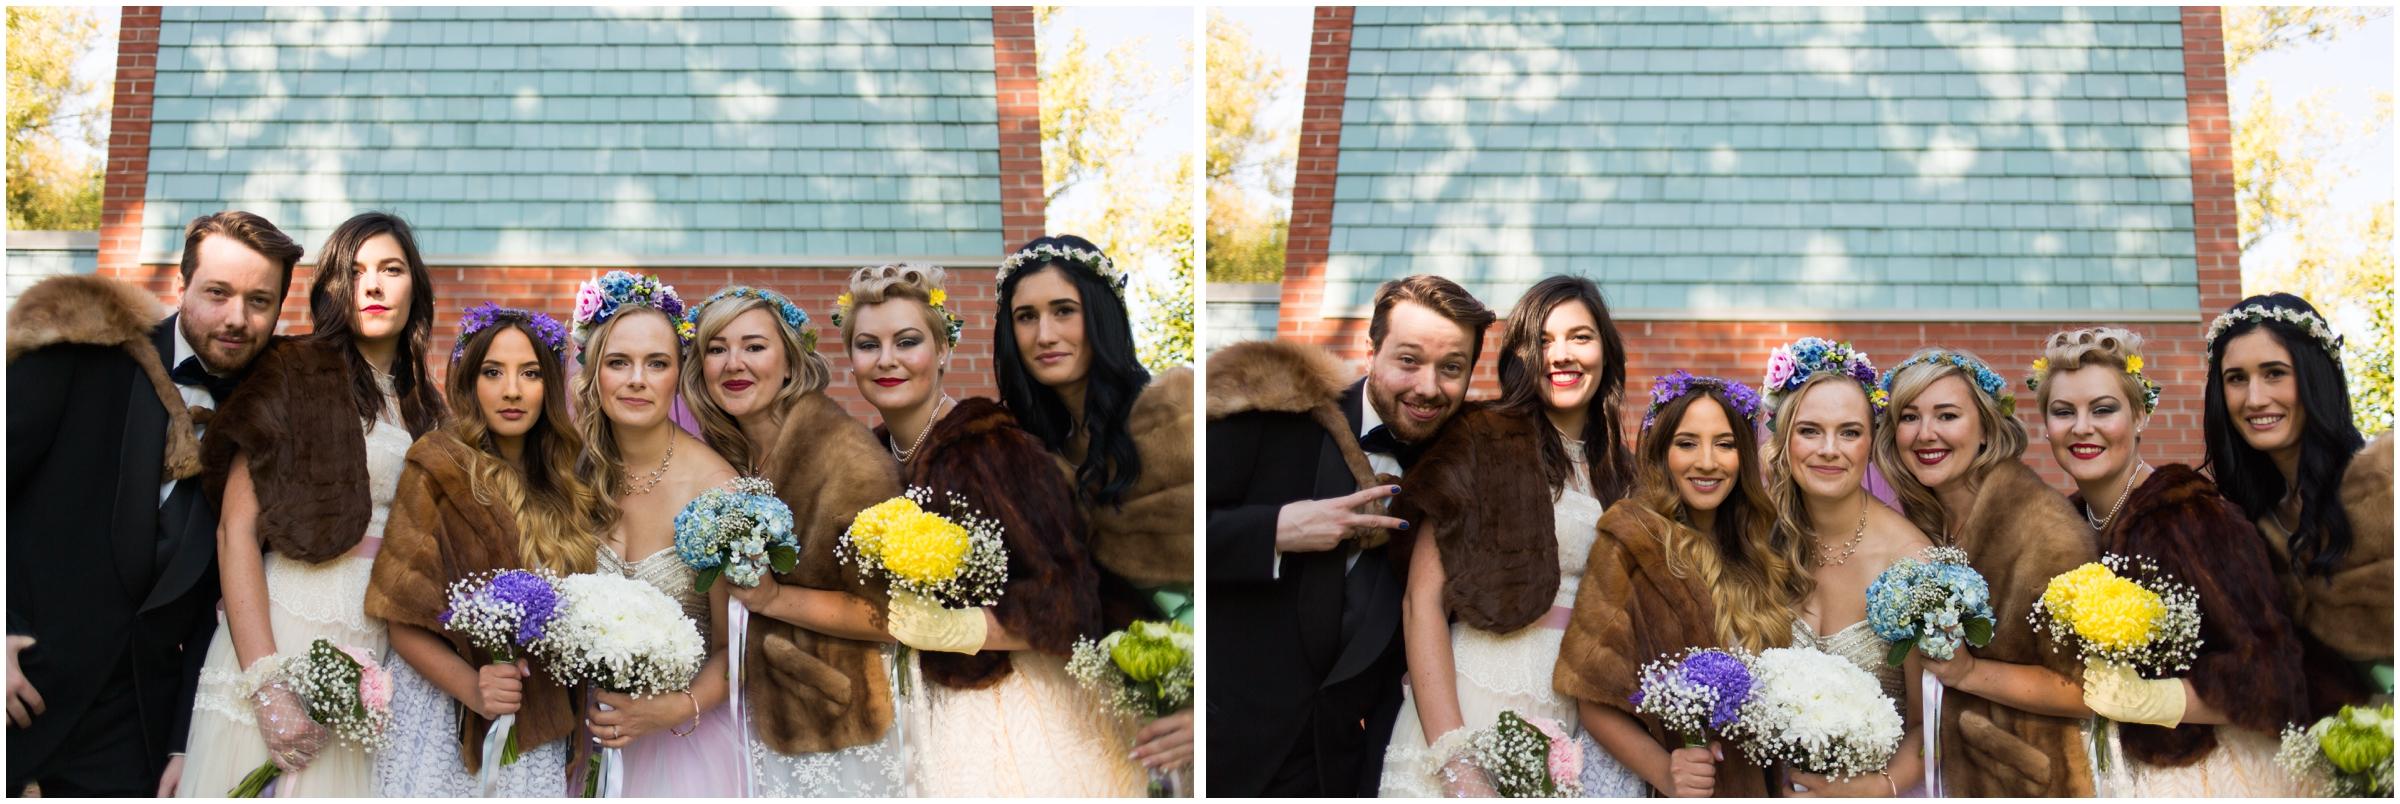 EA Wedding (Selena Phillips-Boyle)_0016.jpg